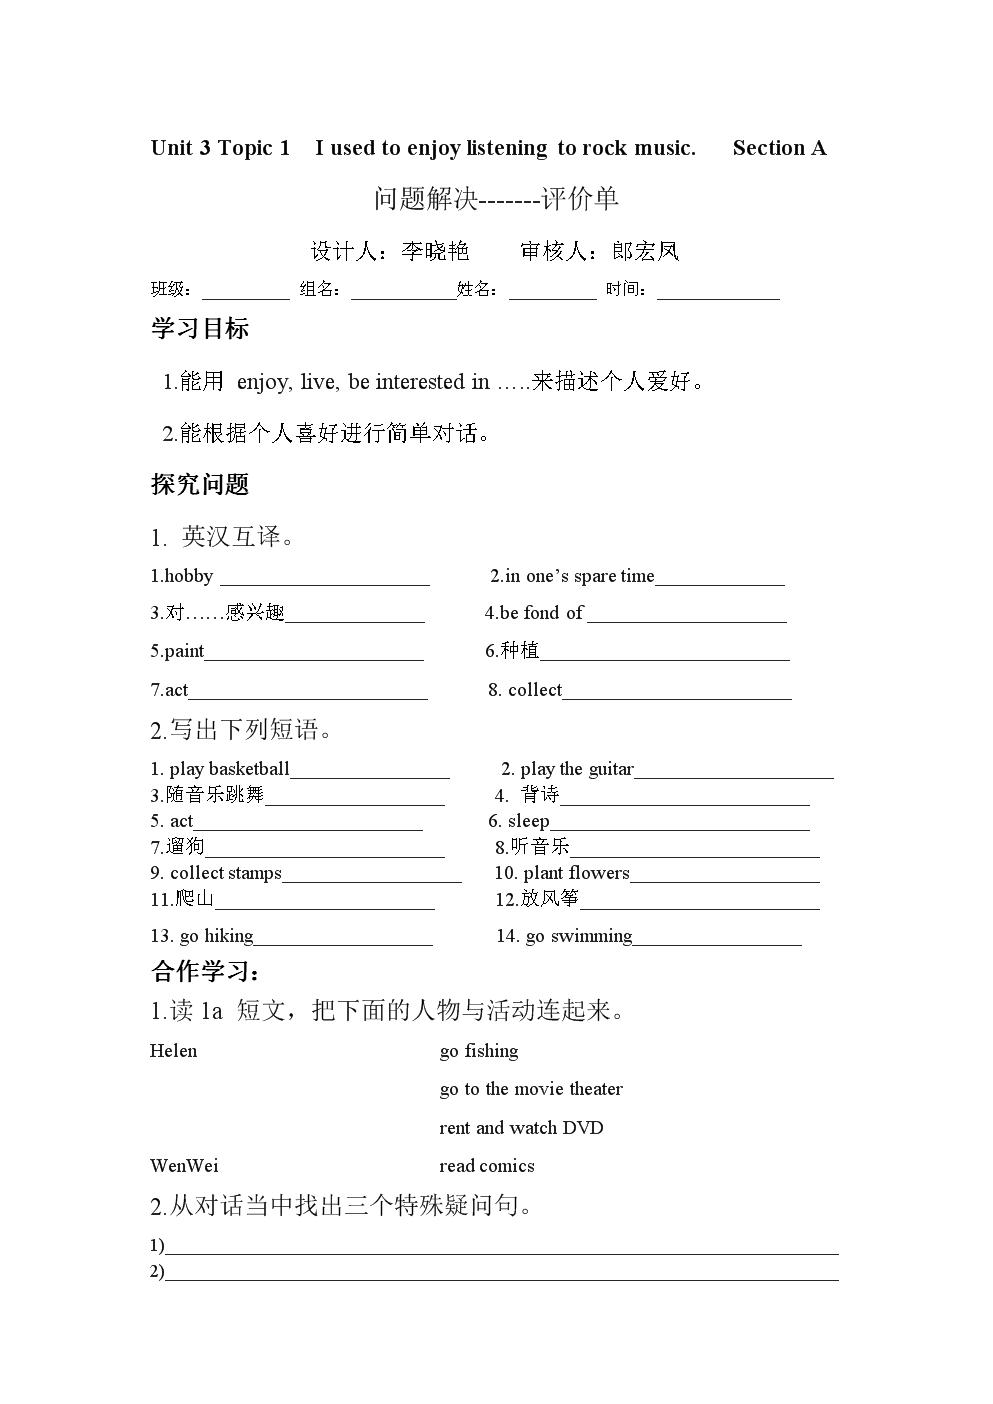 李晓艳解决单.doc